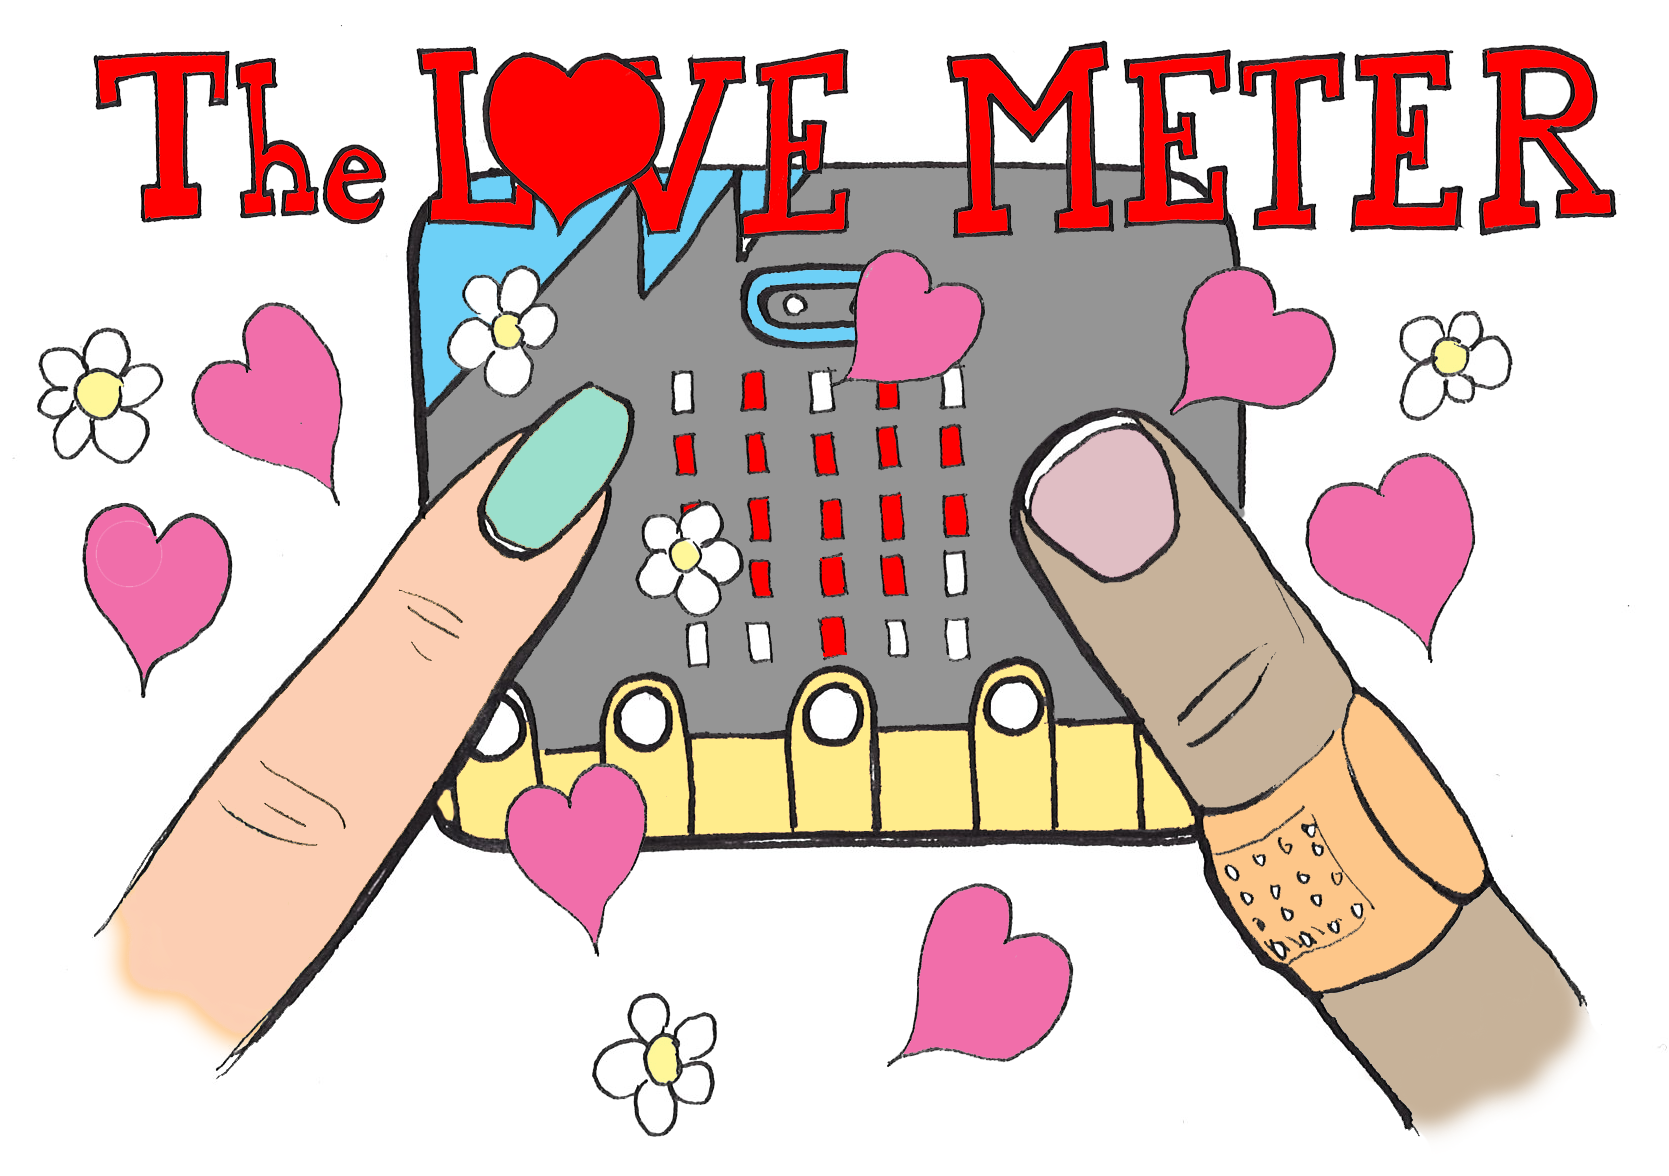 lovemeter